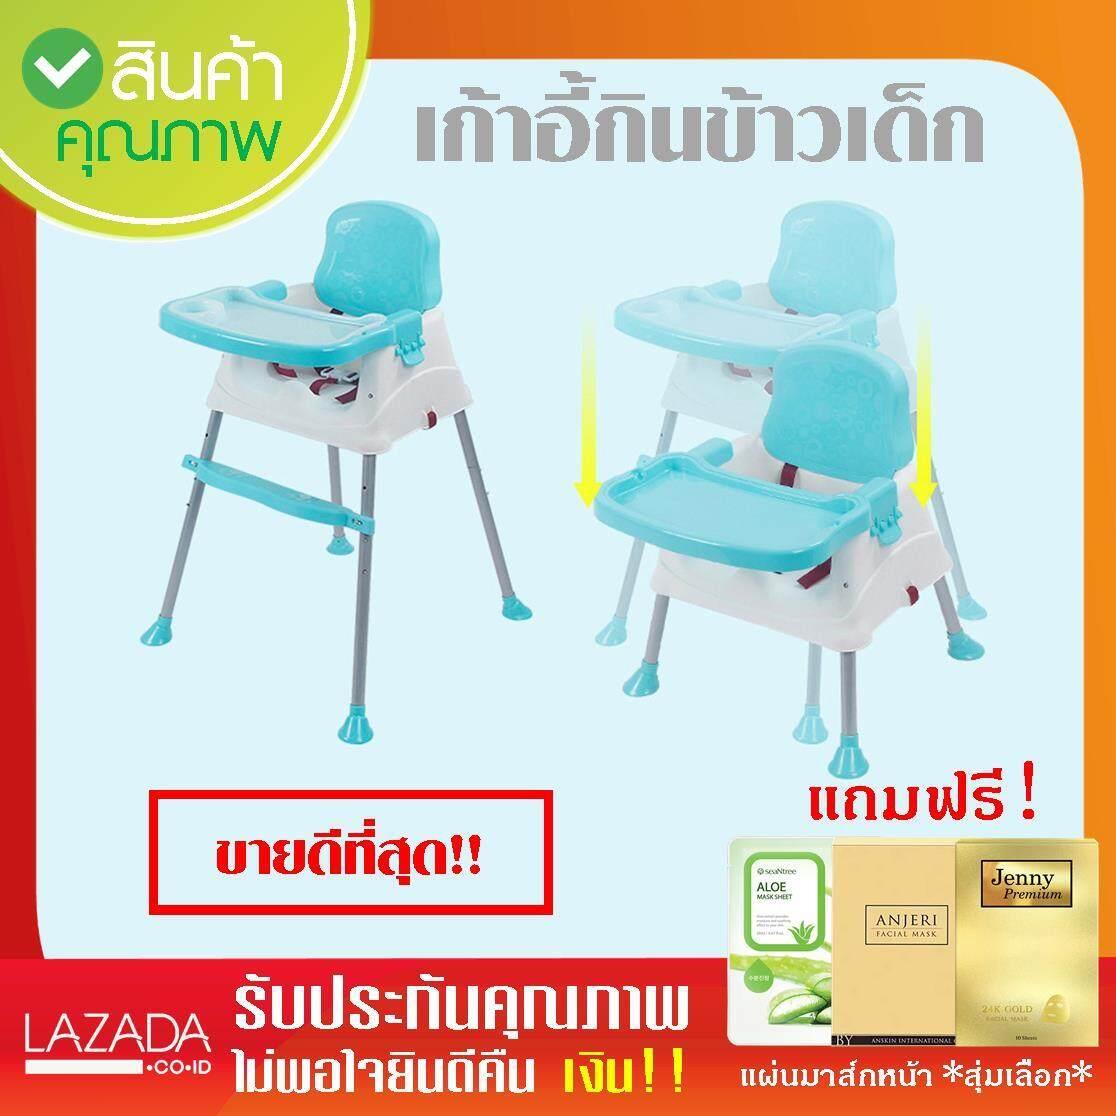 เก้าอี้กินข้าวเด็ก พร้อมผ้ารองตามสี เก้าอี้เด็ก ไม่พอใจยินดีคืนเงิน+แถมฟรี แผ่นมาส์กหน้า 1 กล่อง (สุ่มเลือกยี่ห้อ)+ By Mini_elephant_quality_shop.